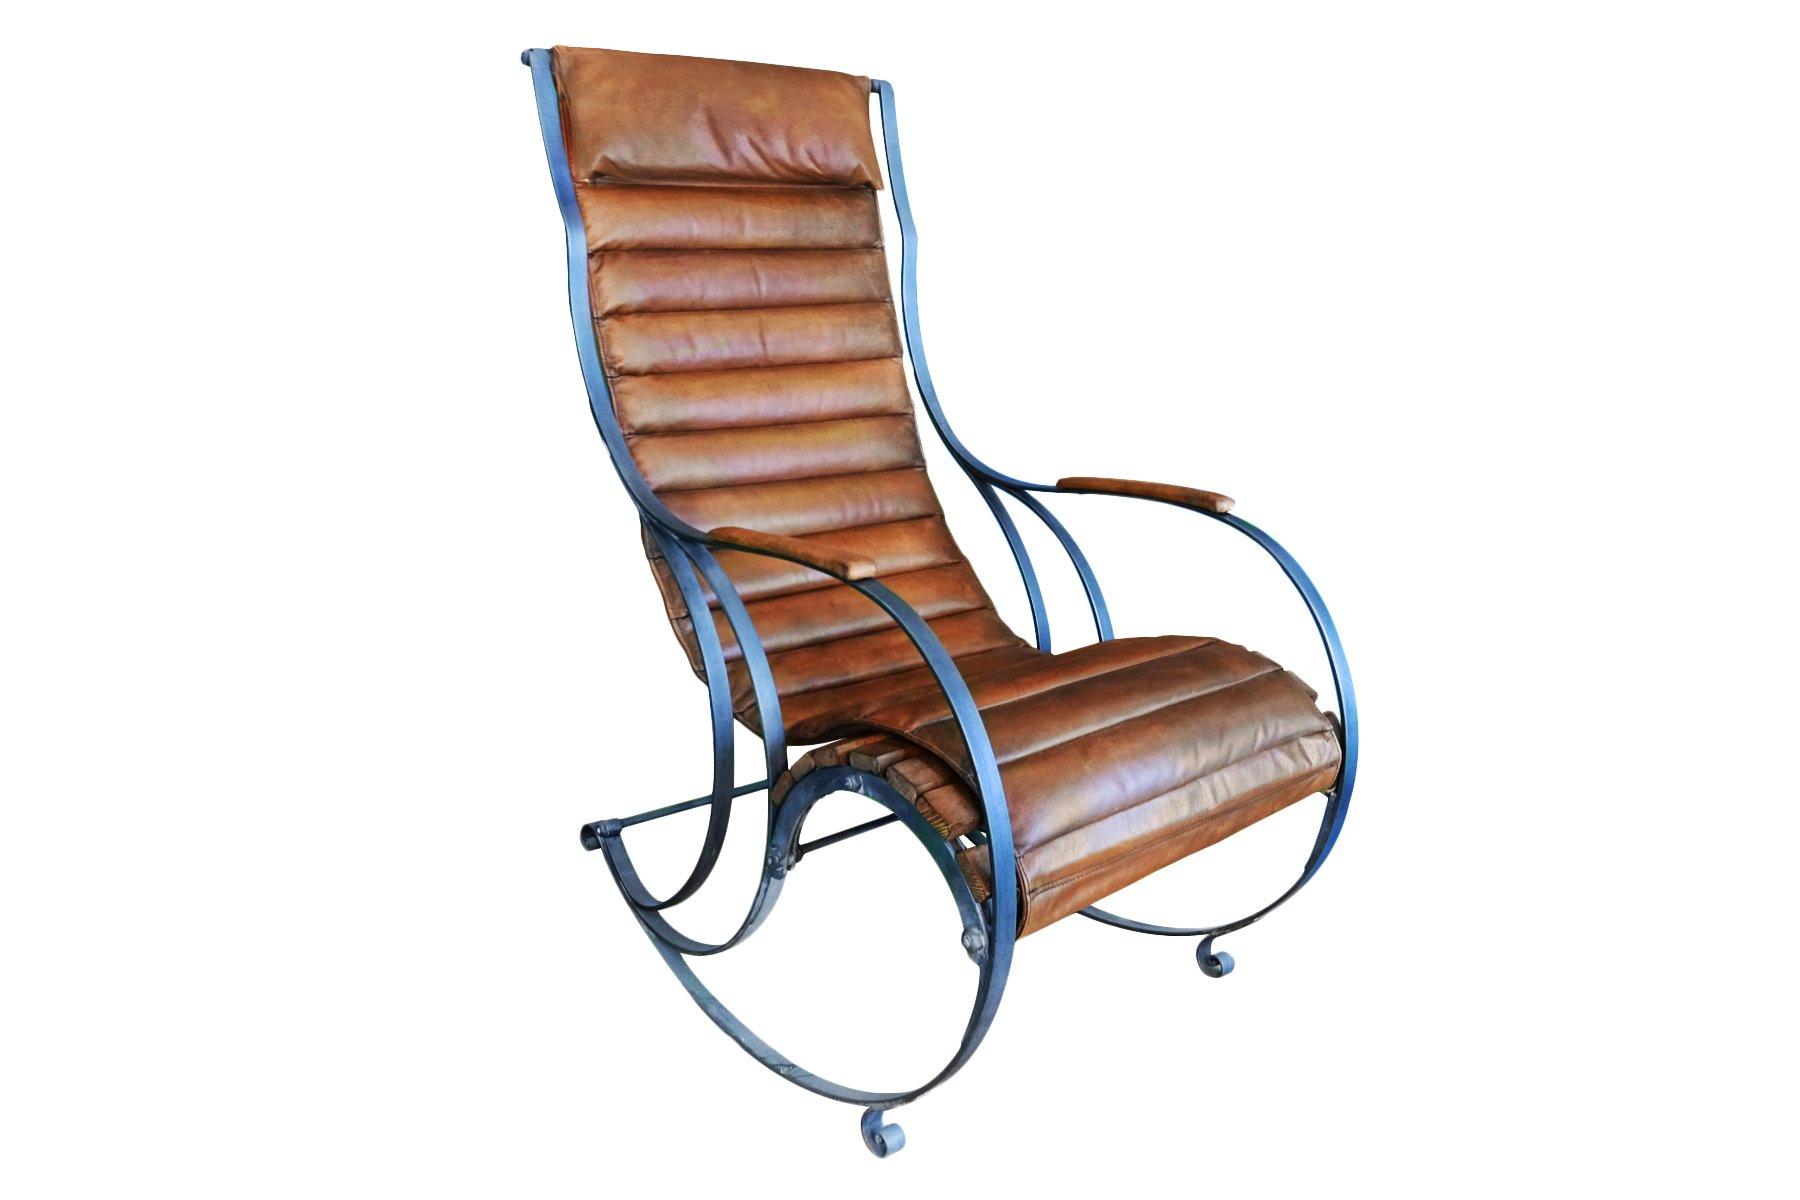 Antiker Stahl Leder Schaukelstuhl Von Rw Winfield Bei Pamono Kaufen